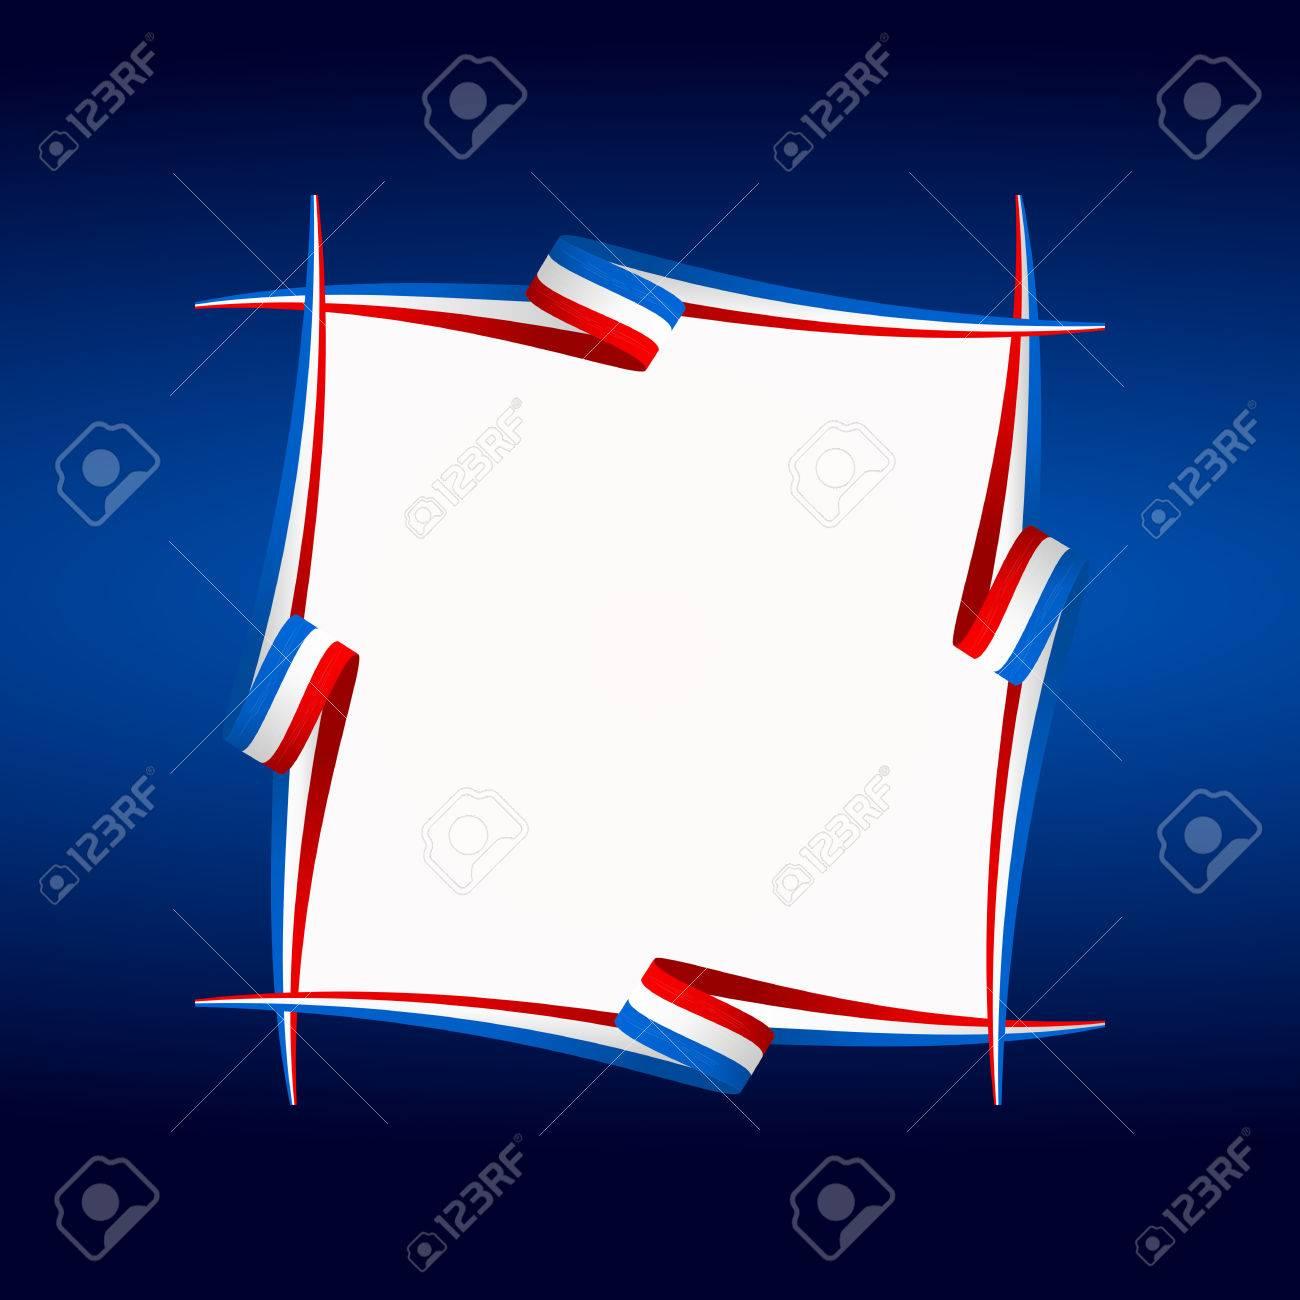 Abstrakt Amerikanischen, Englisch Und Französisch Rahmen Flagge ...